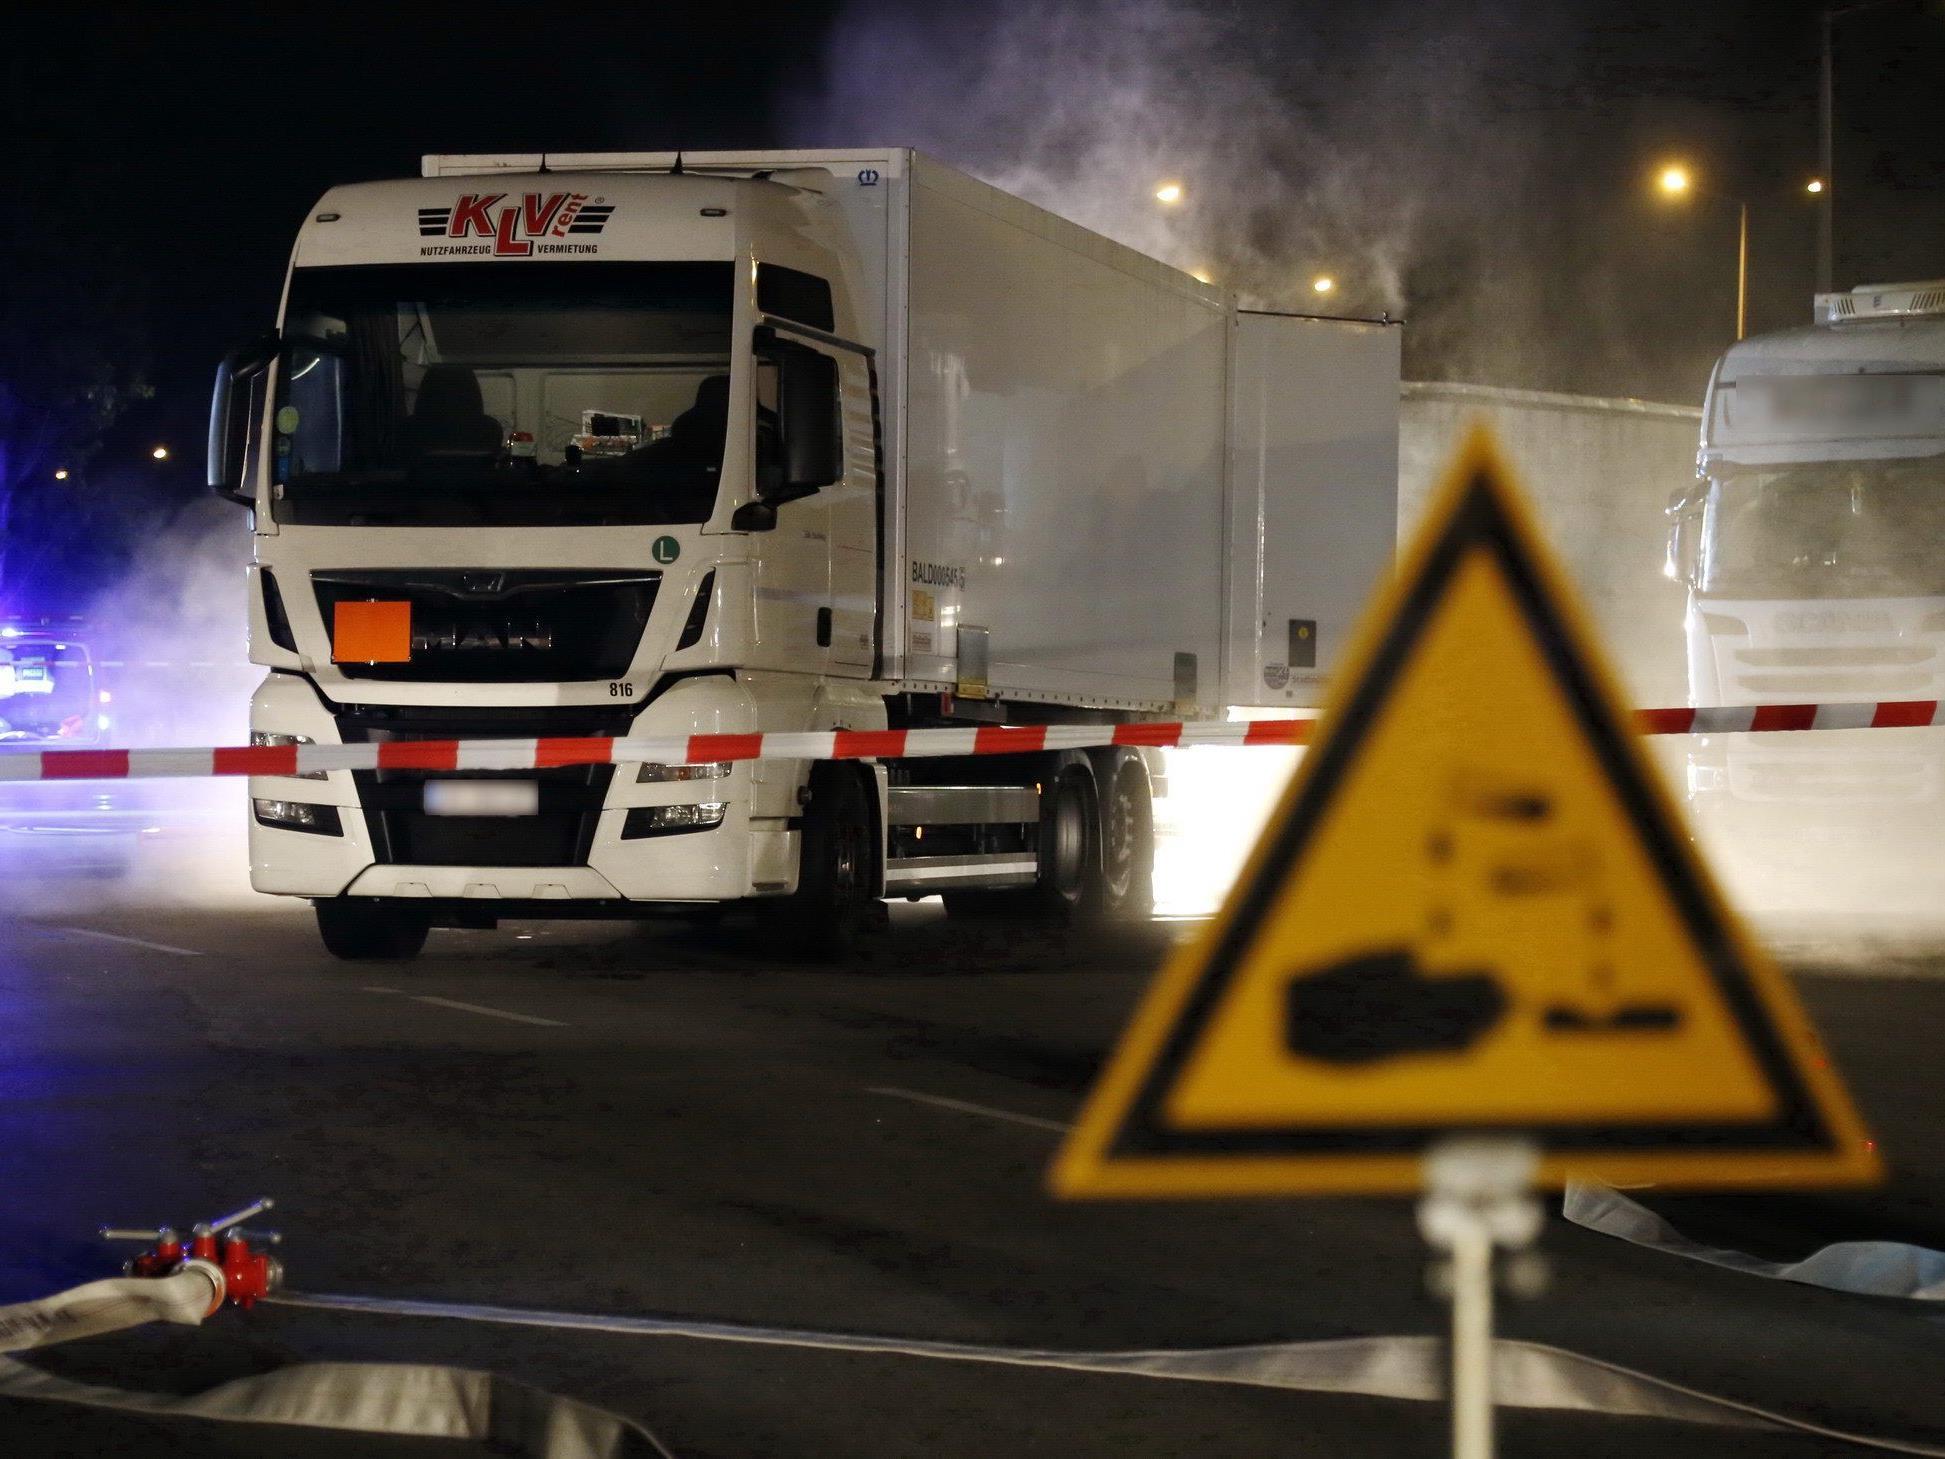 Auf dem LKW war Salzsäure geladen. Die Feuerwehr kämpfte gegen den Schadstoff.